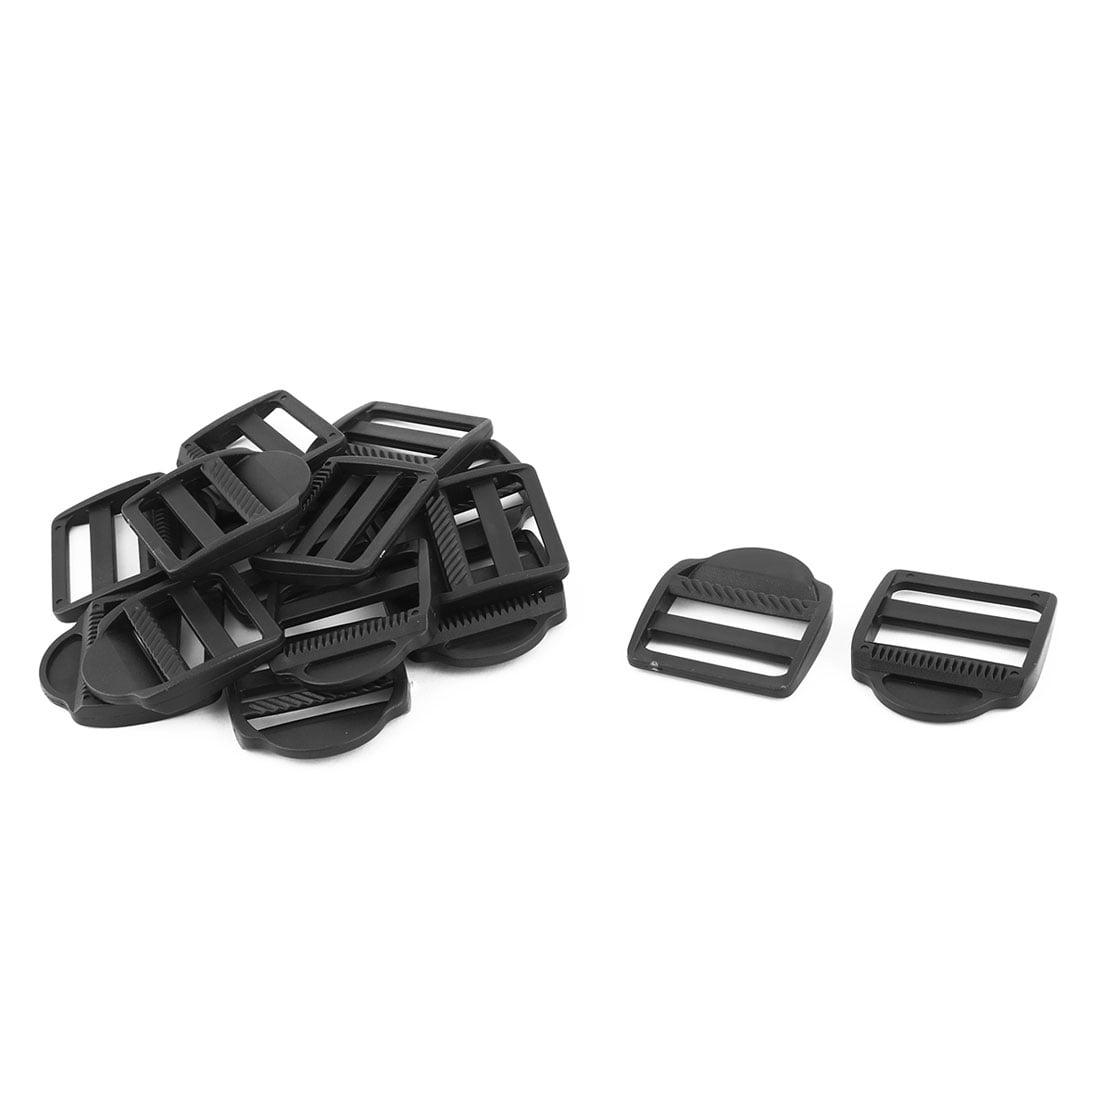 Suitcase Belt Webbing Connector Ladder Lock Buckle Black 38mm Strap Width 15pcs - image 3 of 3